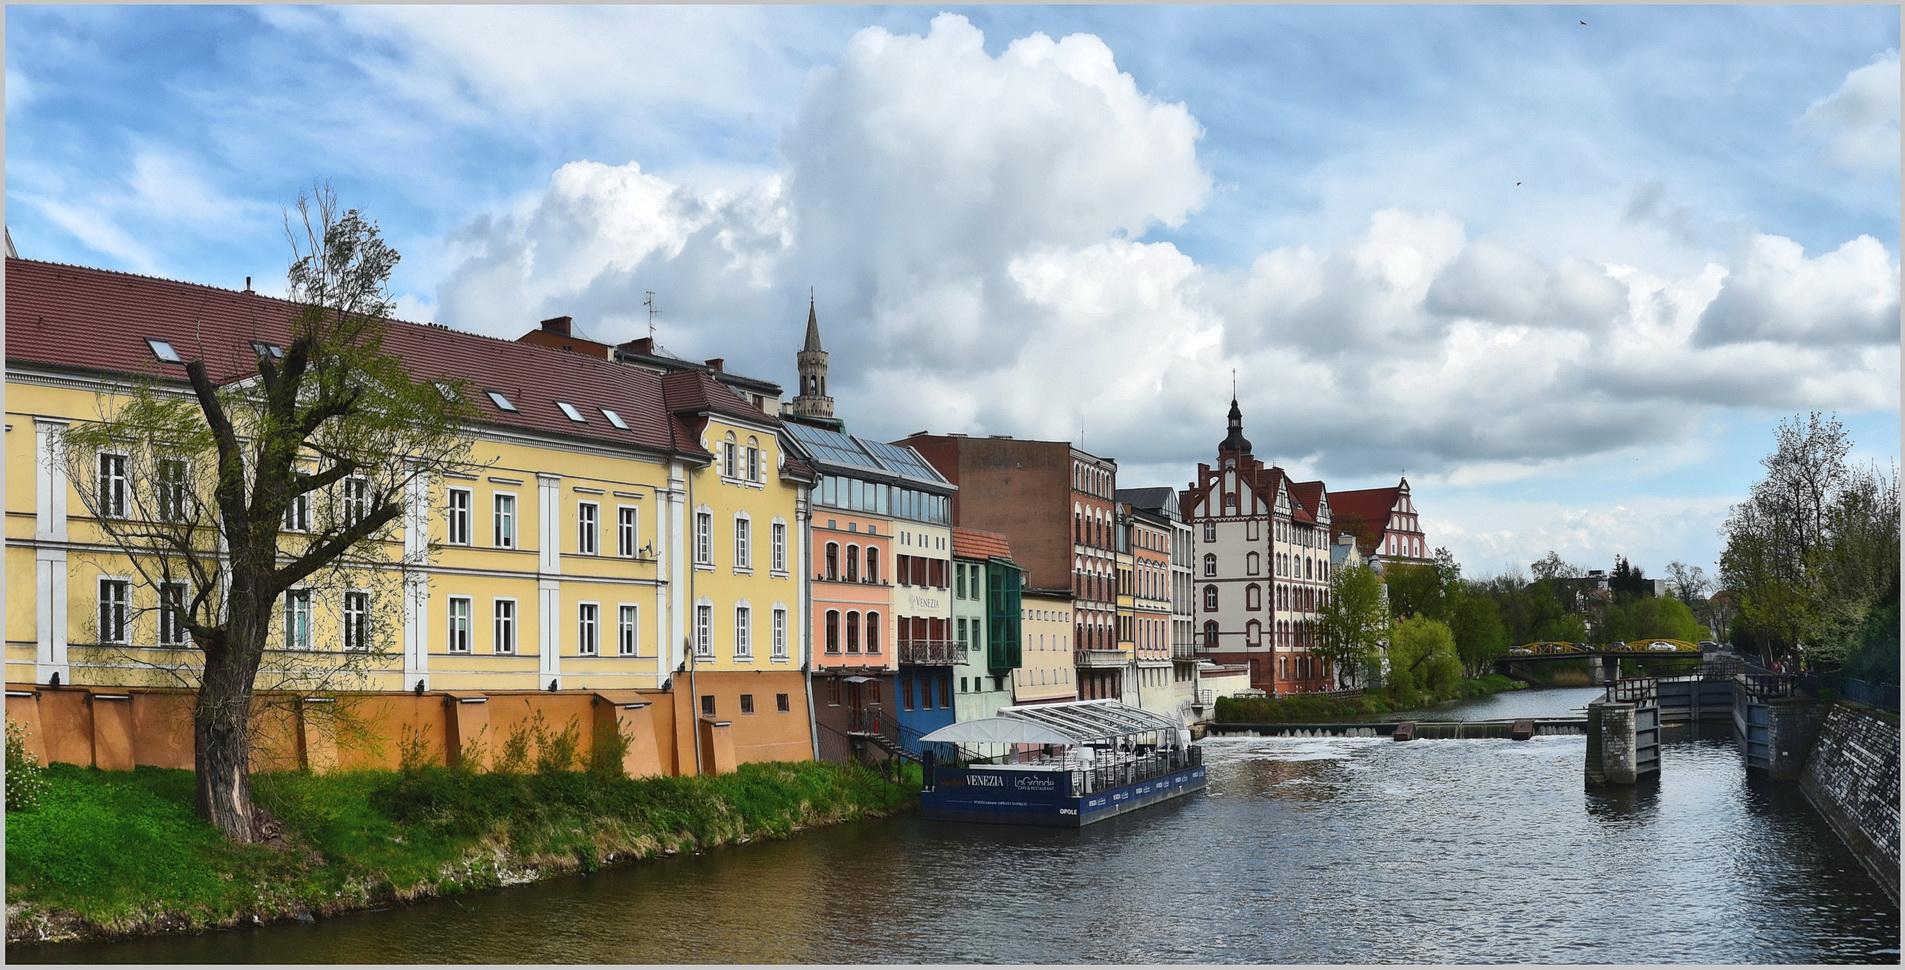 Oppeln (Opole)